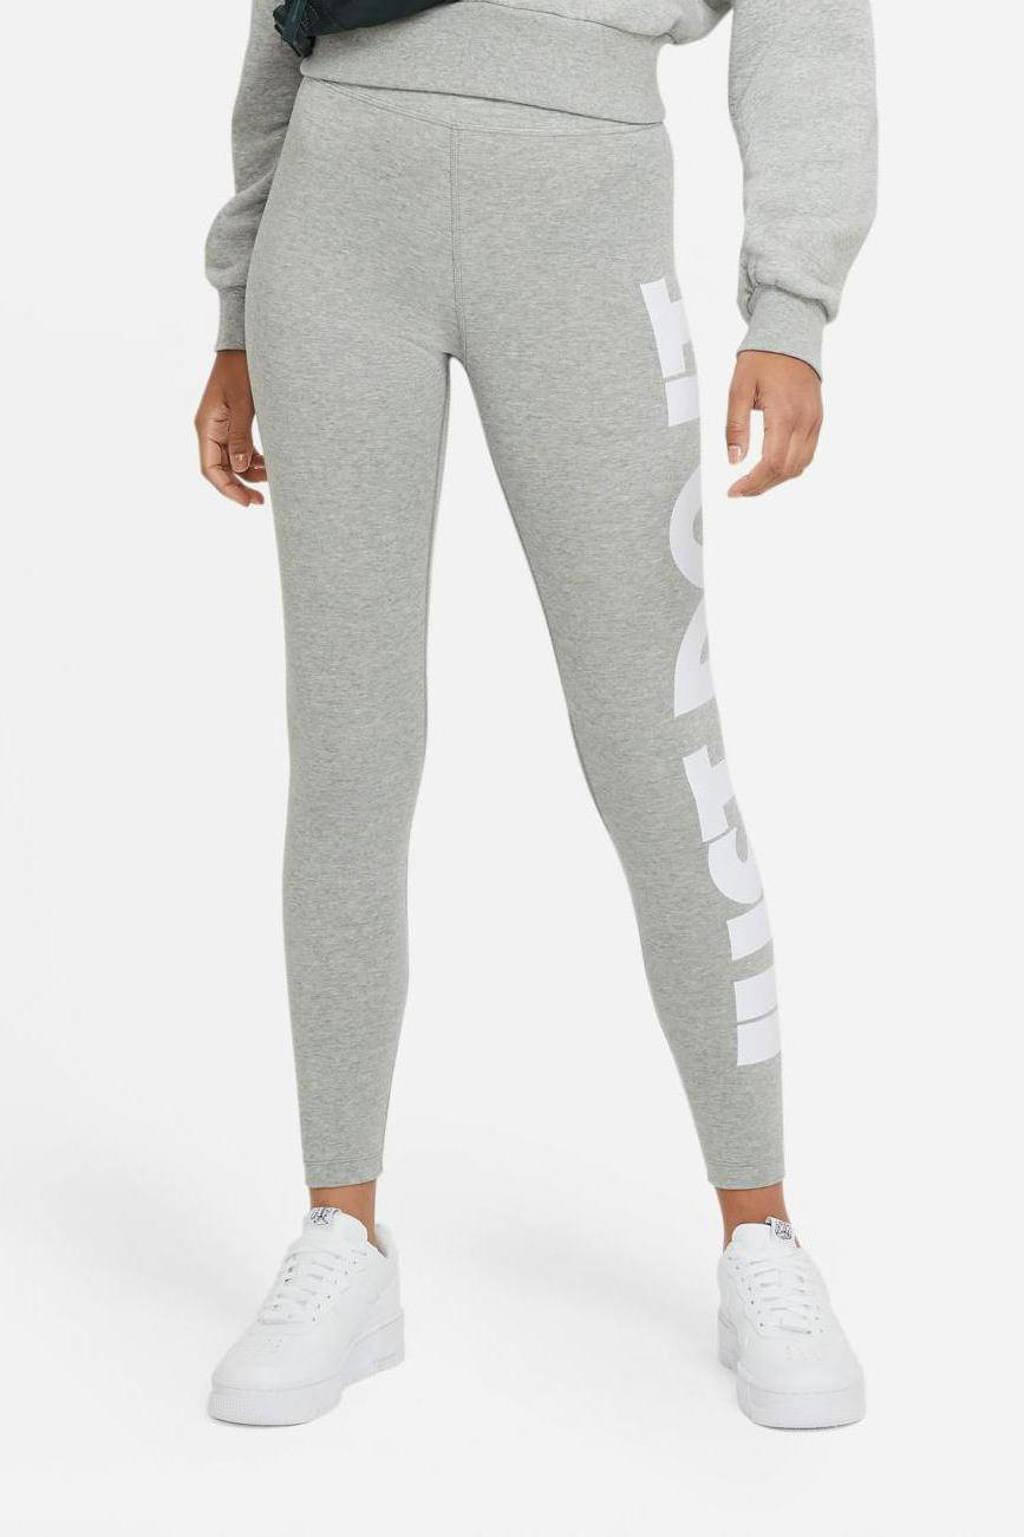 Nike legging grijs melange/wit, Grijs melange/wit